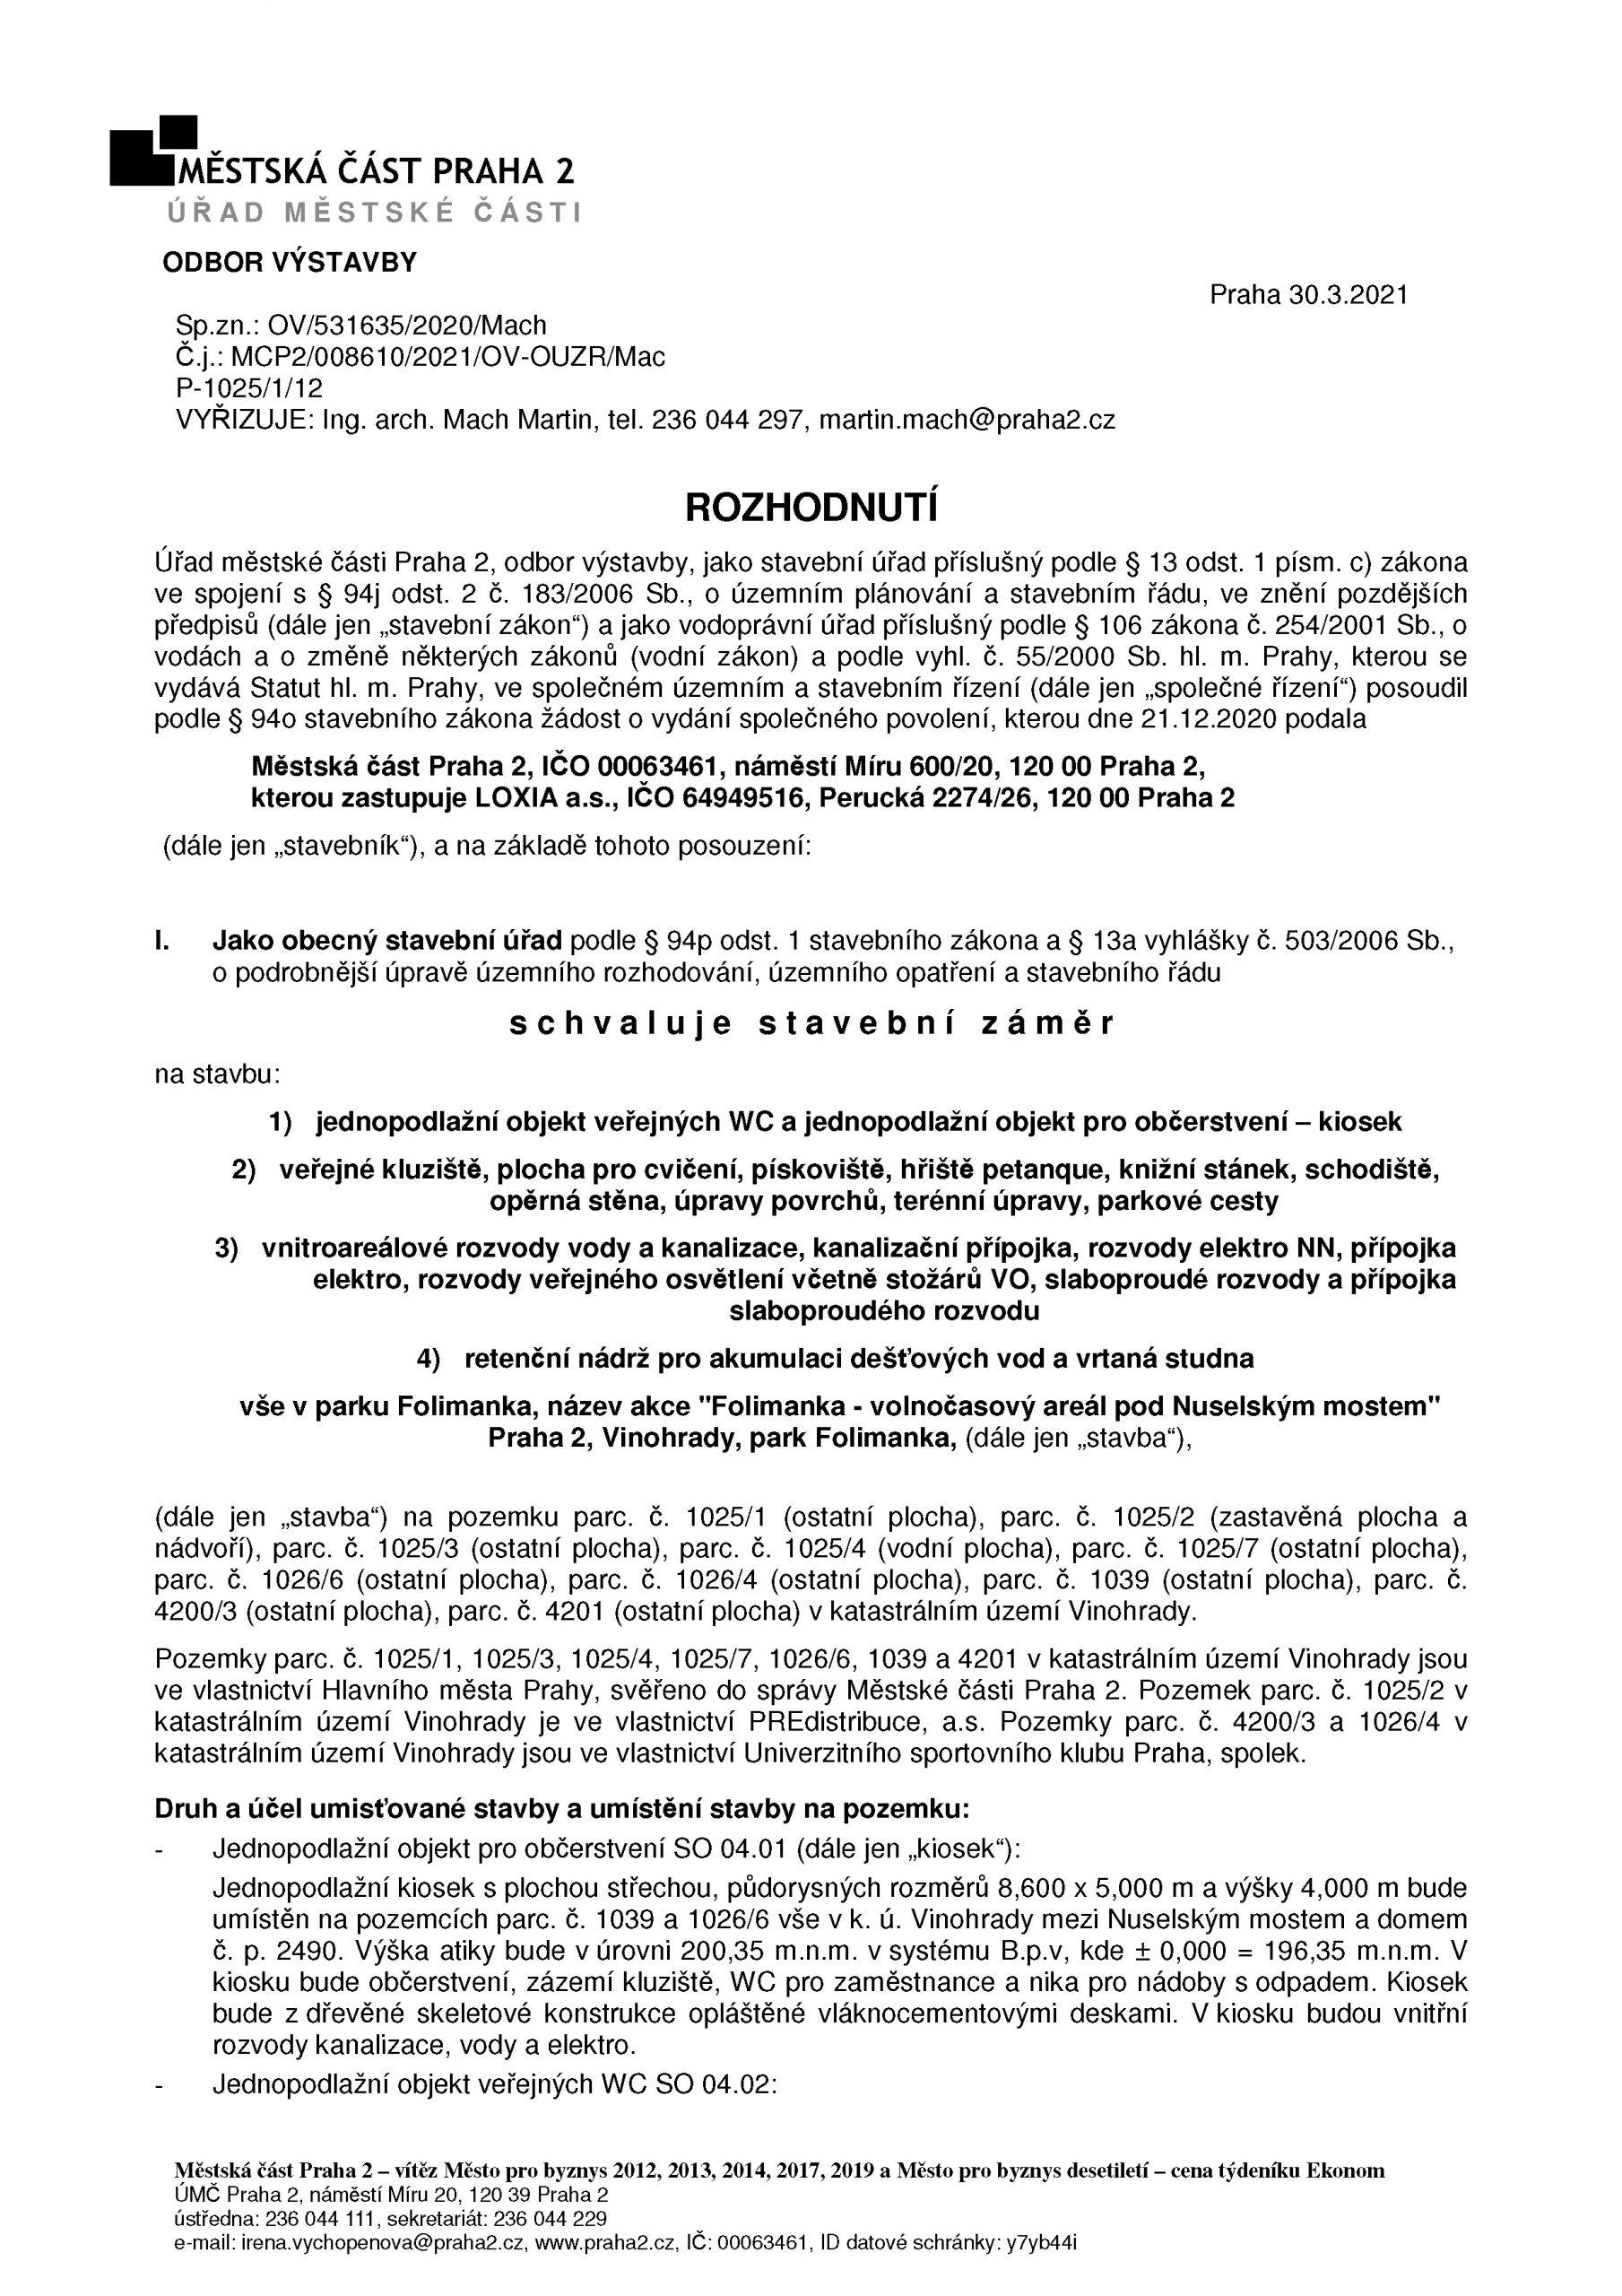 Rozhodnutí ÚMČ Praha 2, odboru výstavby o schválení stavebního záměru